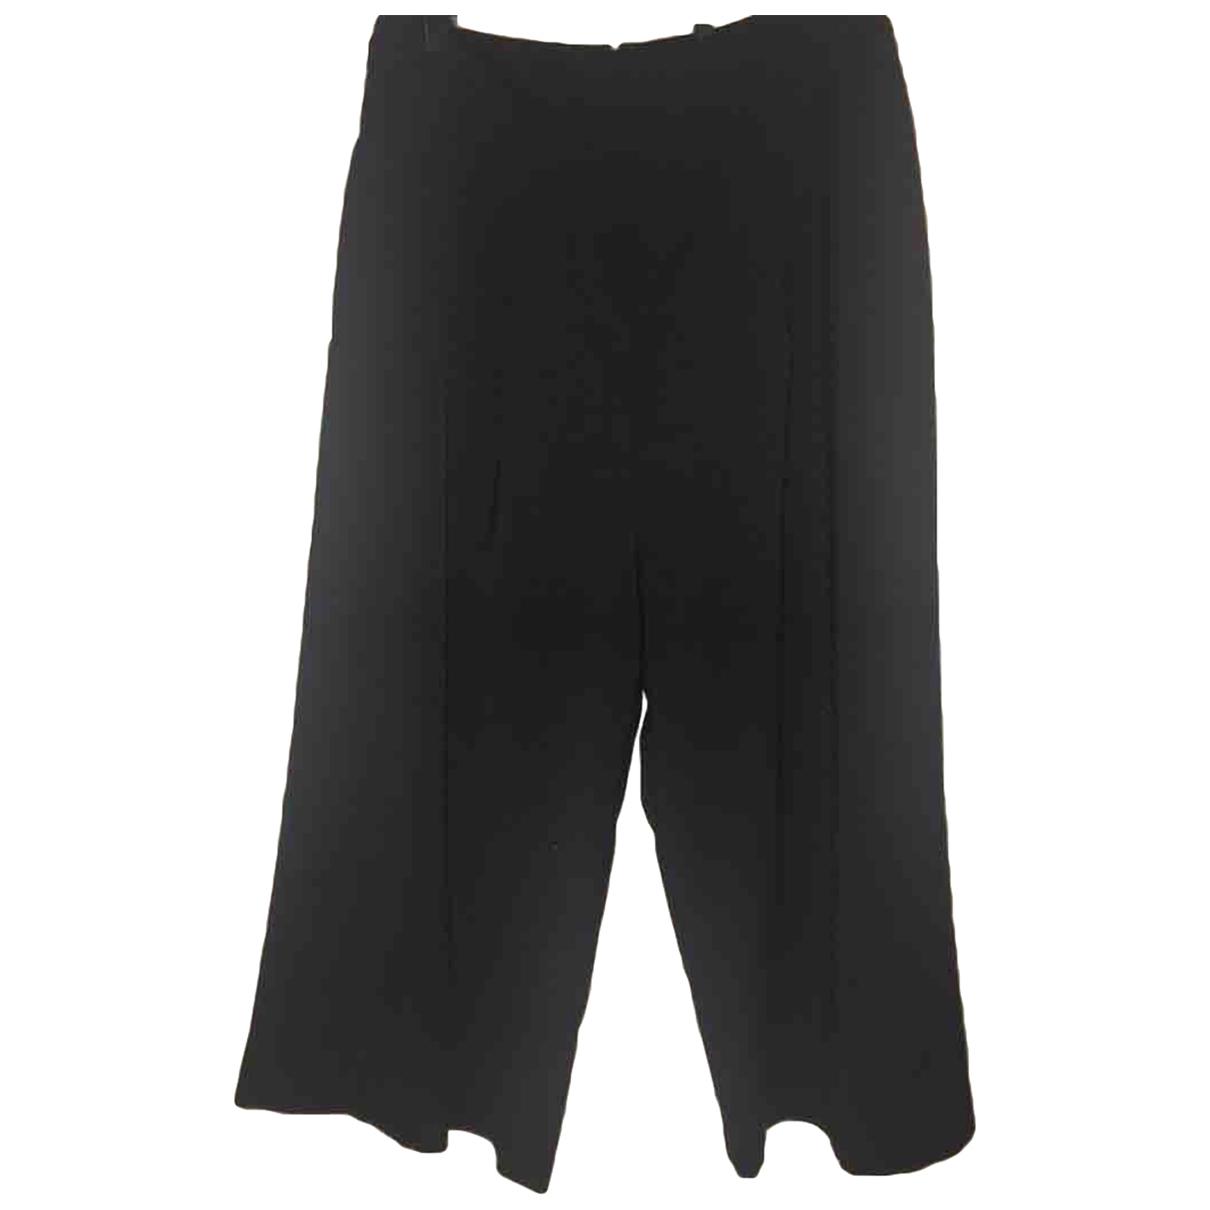 Pantalon en Poliester Negro Bcbg Max Azria